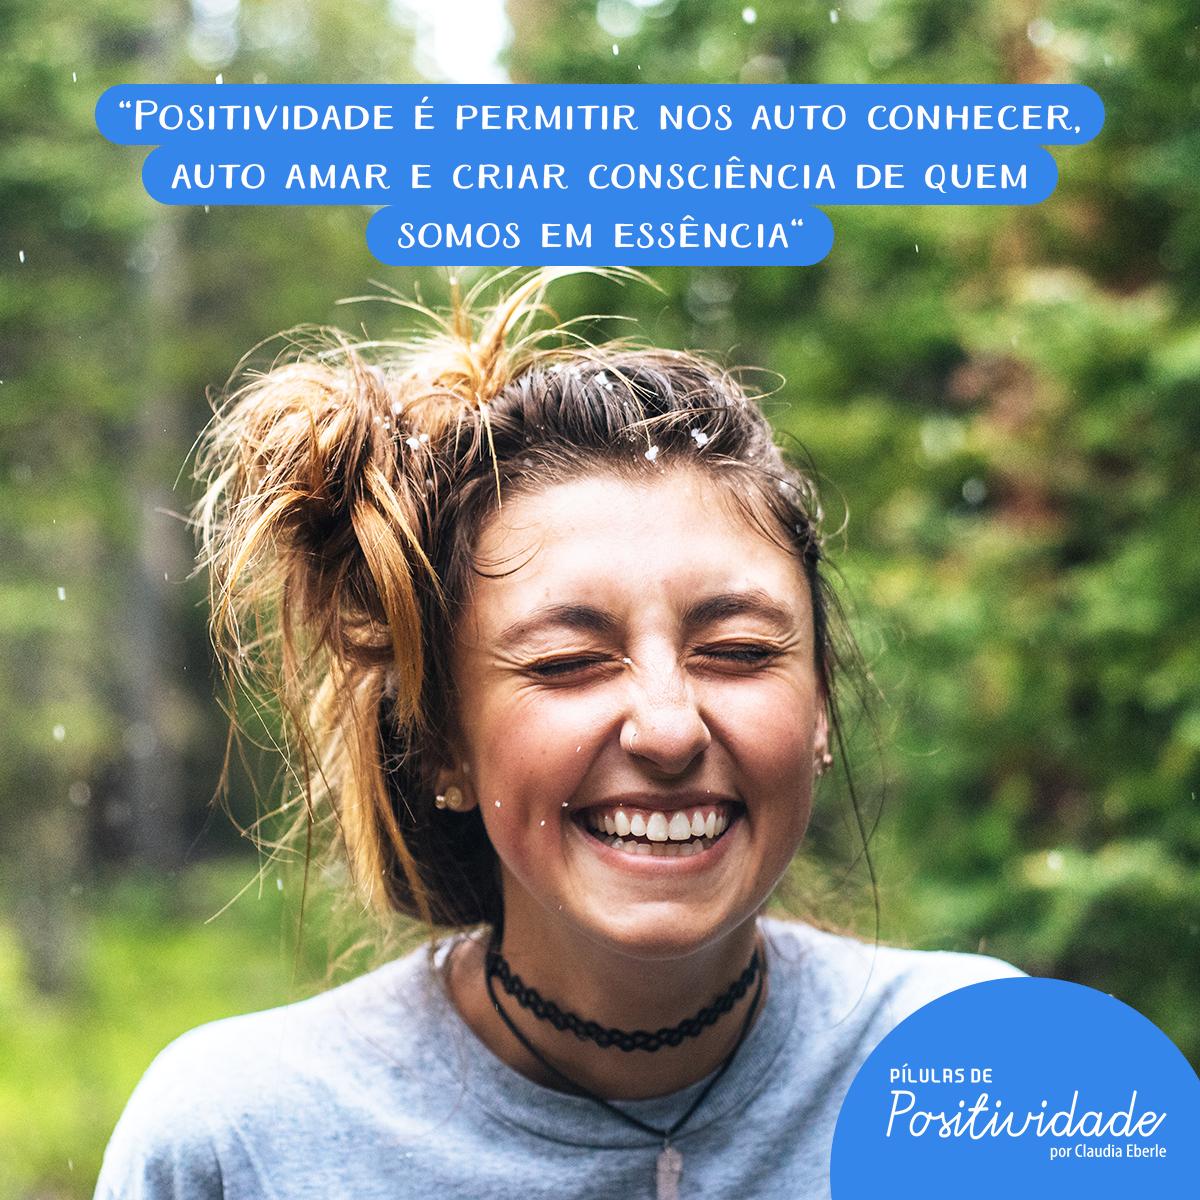 Positividade é nos permitir auto conhecer, auto amar e criar consciência de quem somos em essência